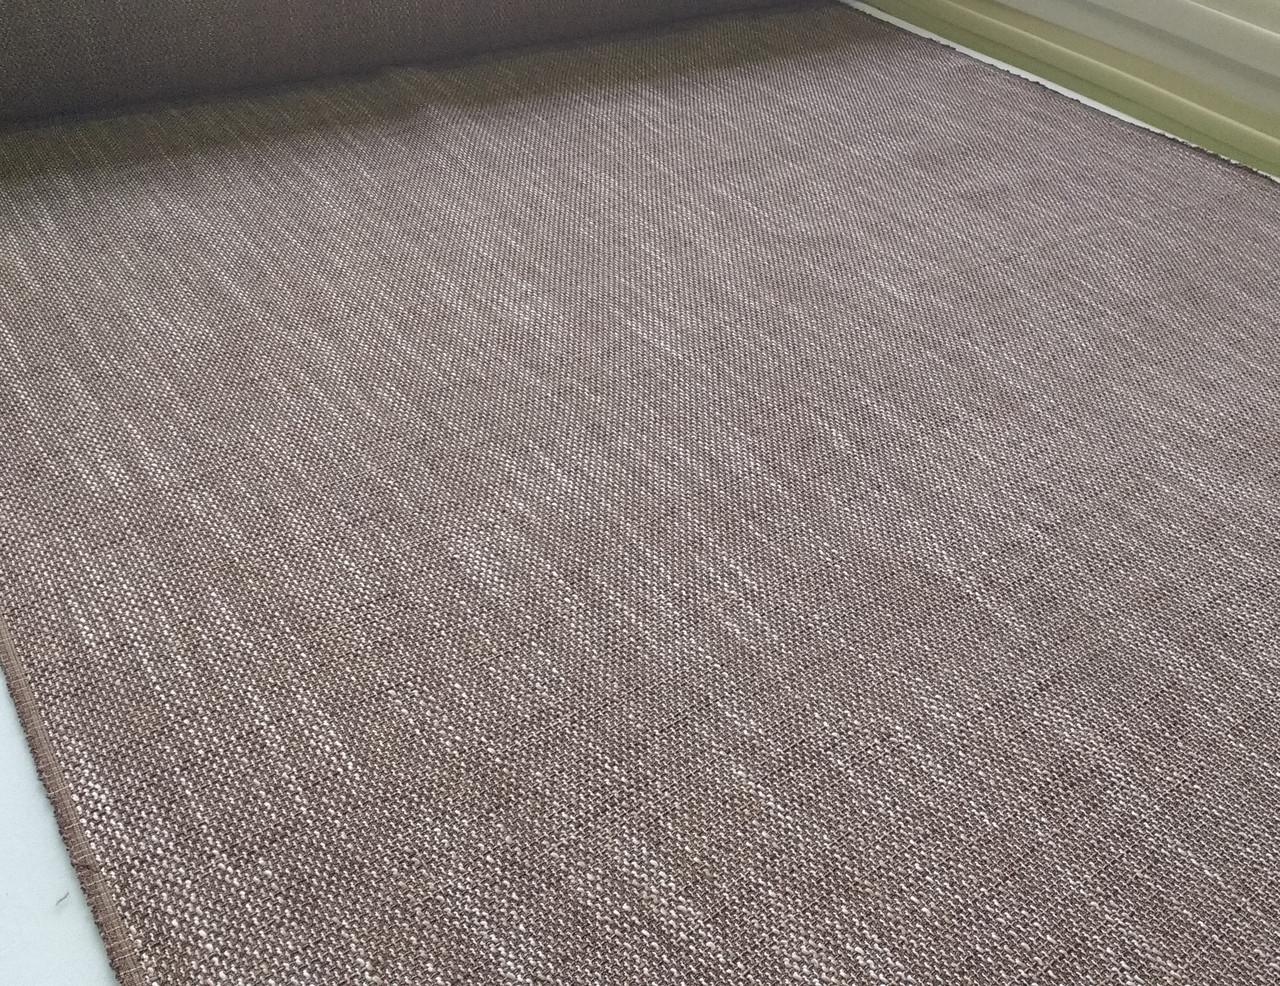 Недорогая ткань для обивки дивана Берлин 2